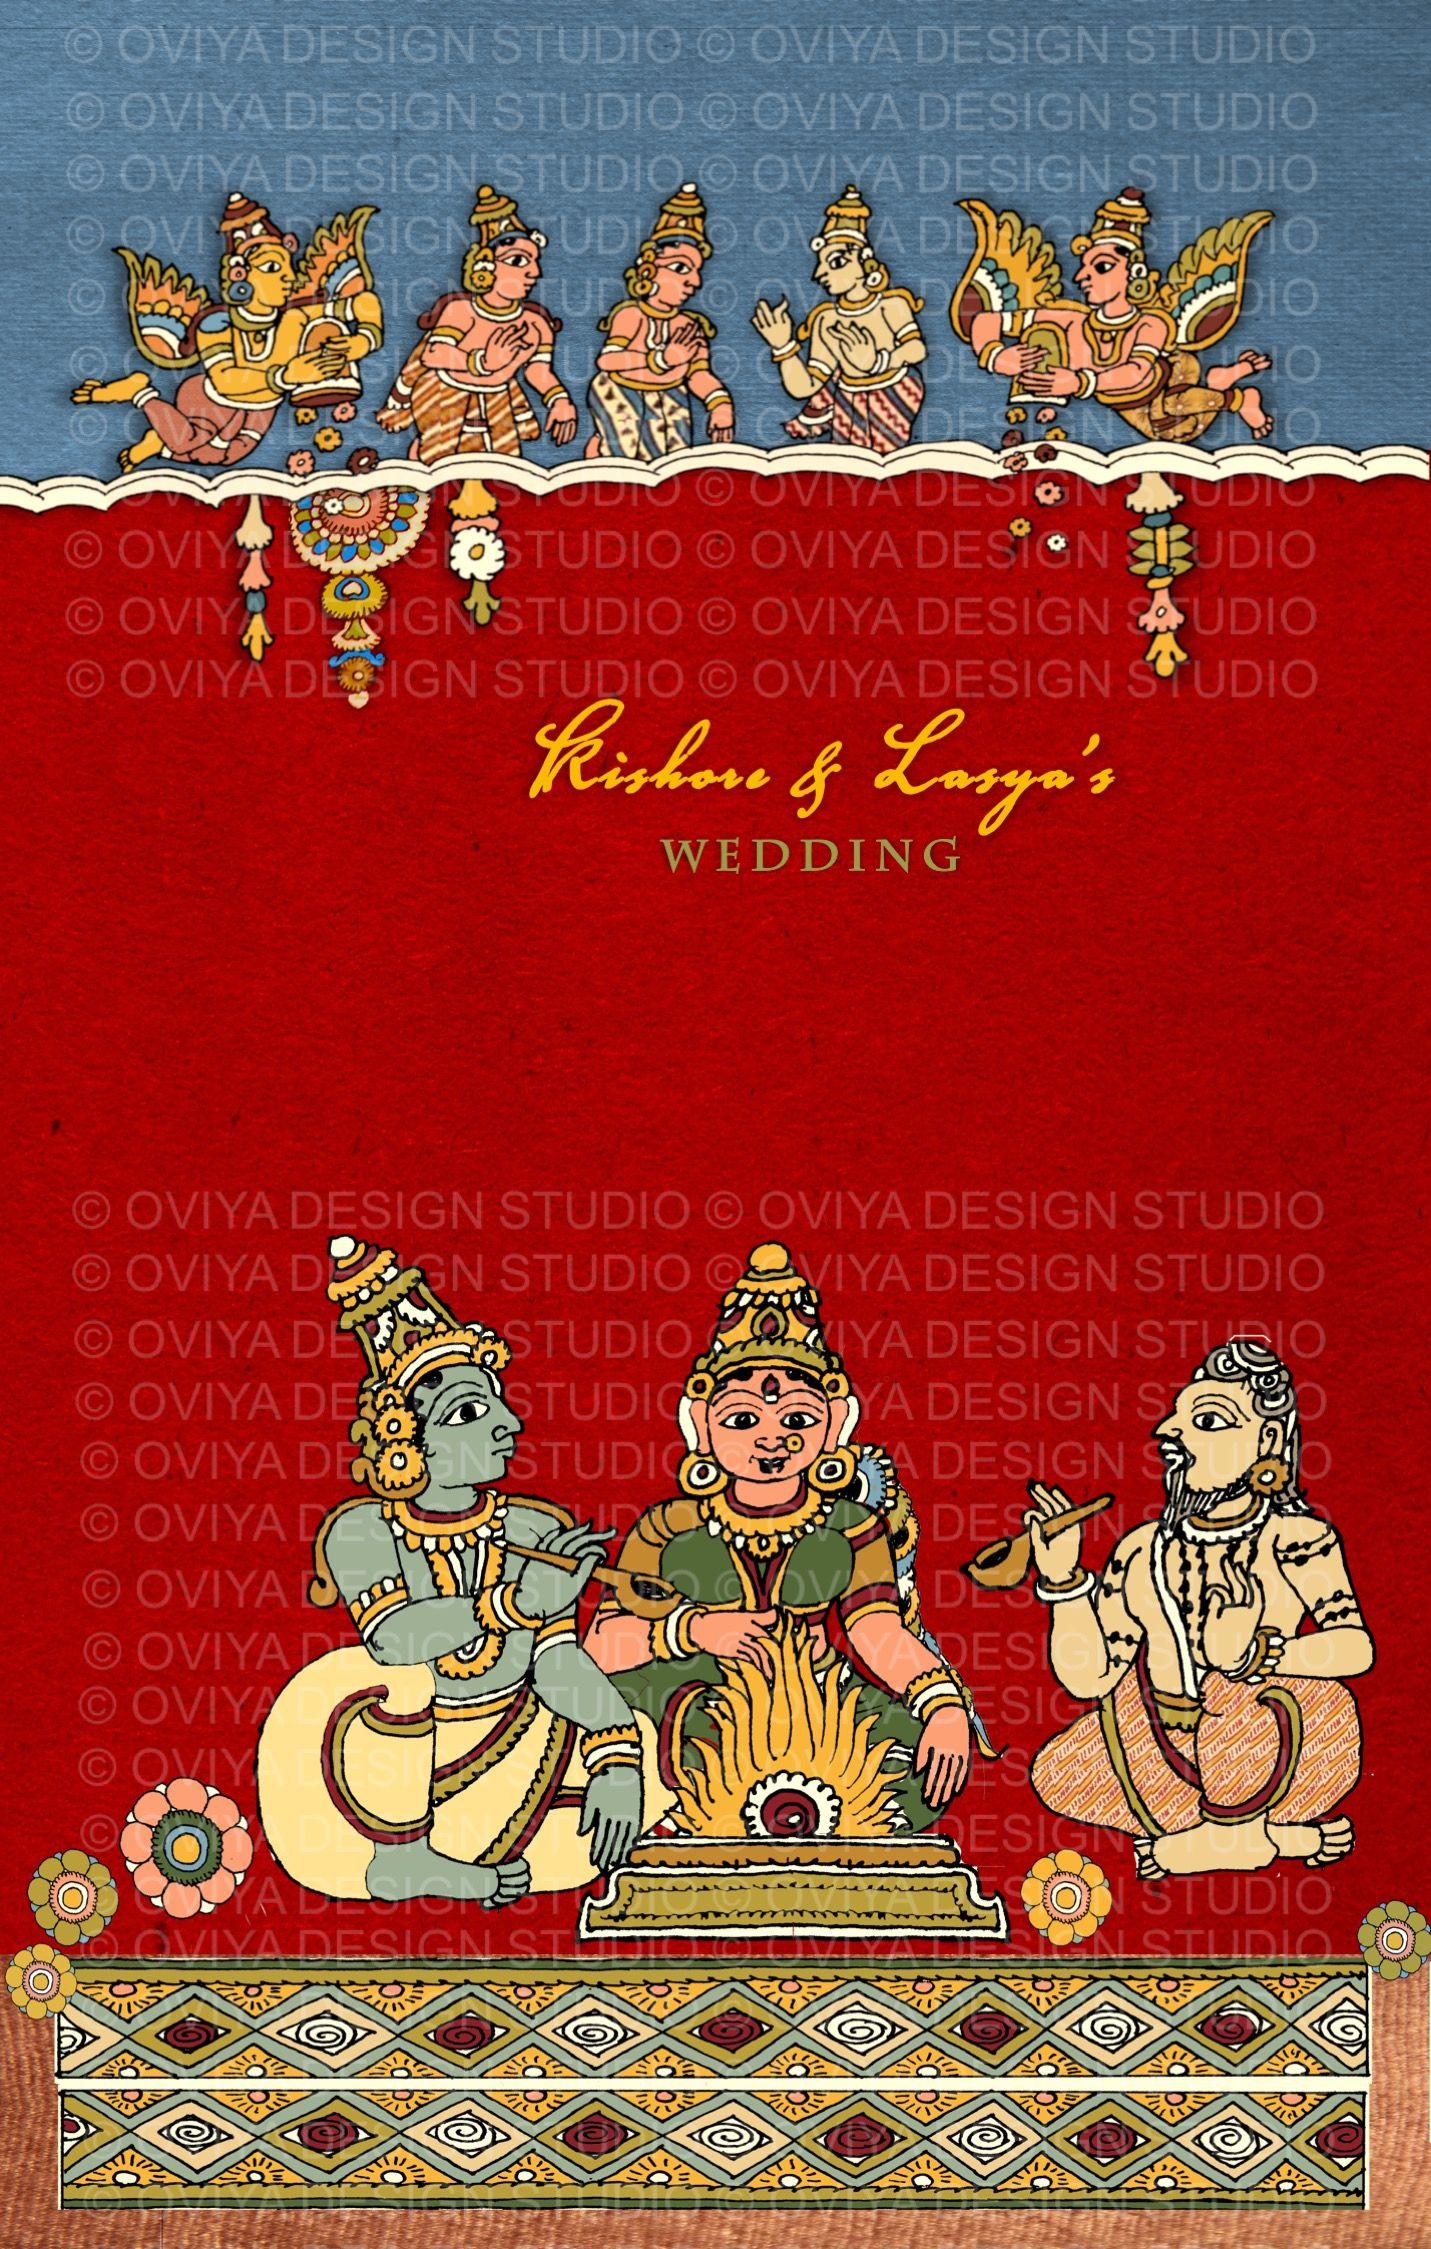 South Indian Kalamkari inspired Wedding Card front